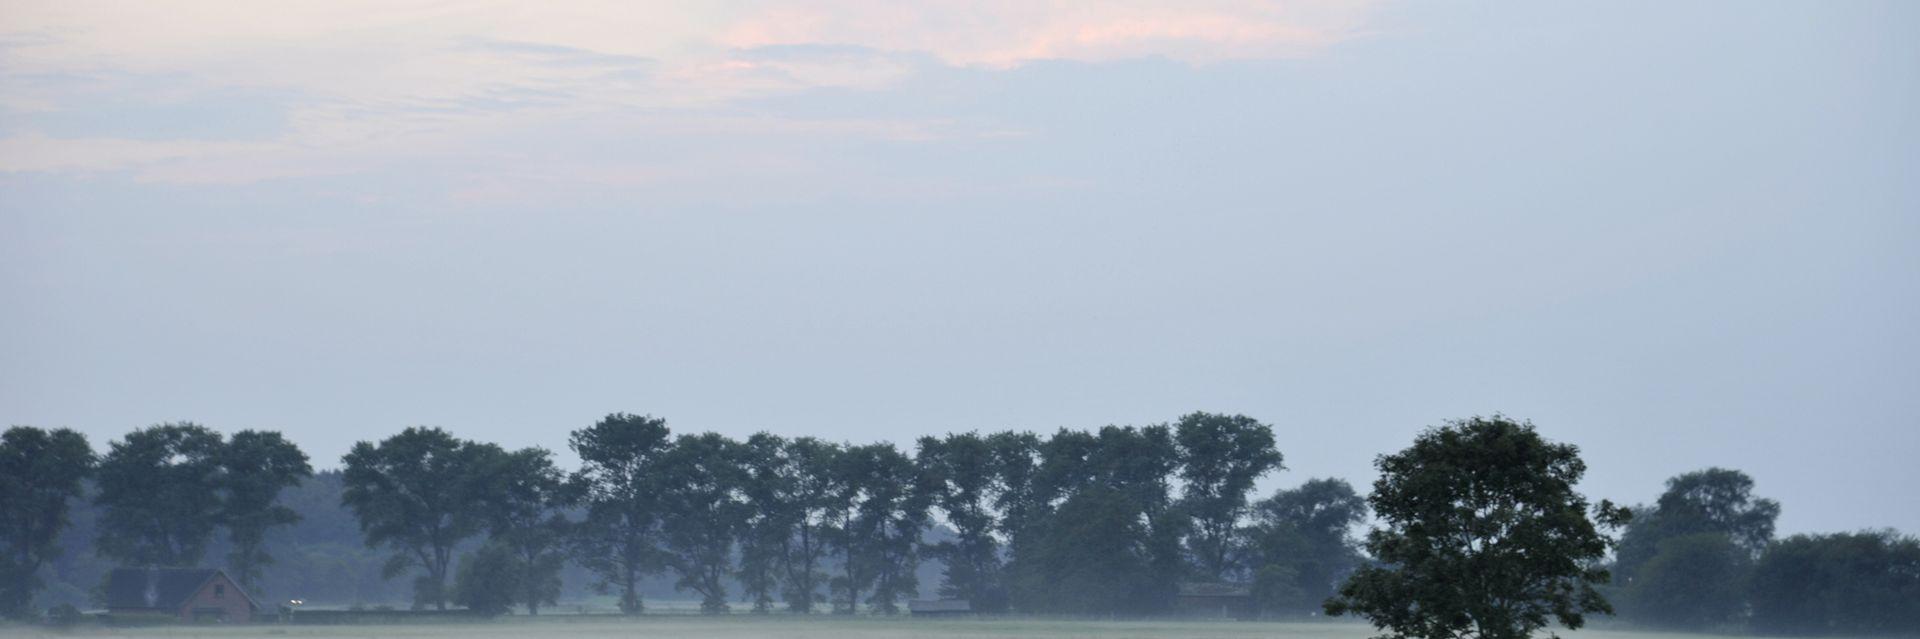 Stoerkathener Heide